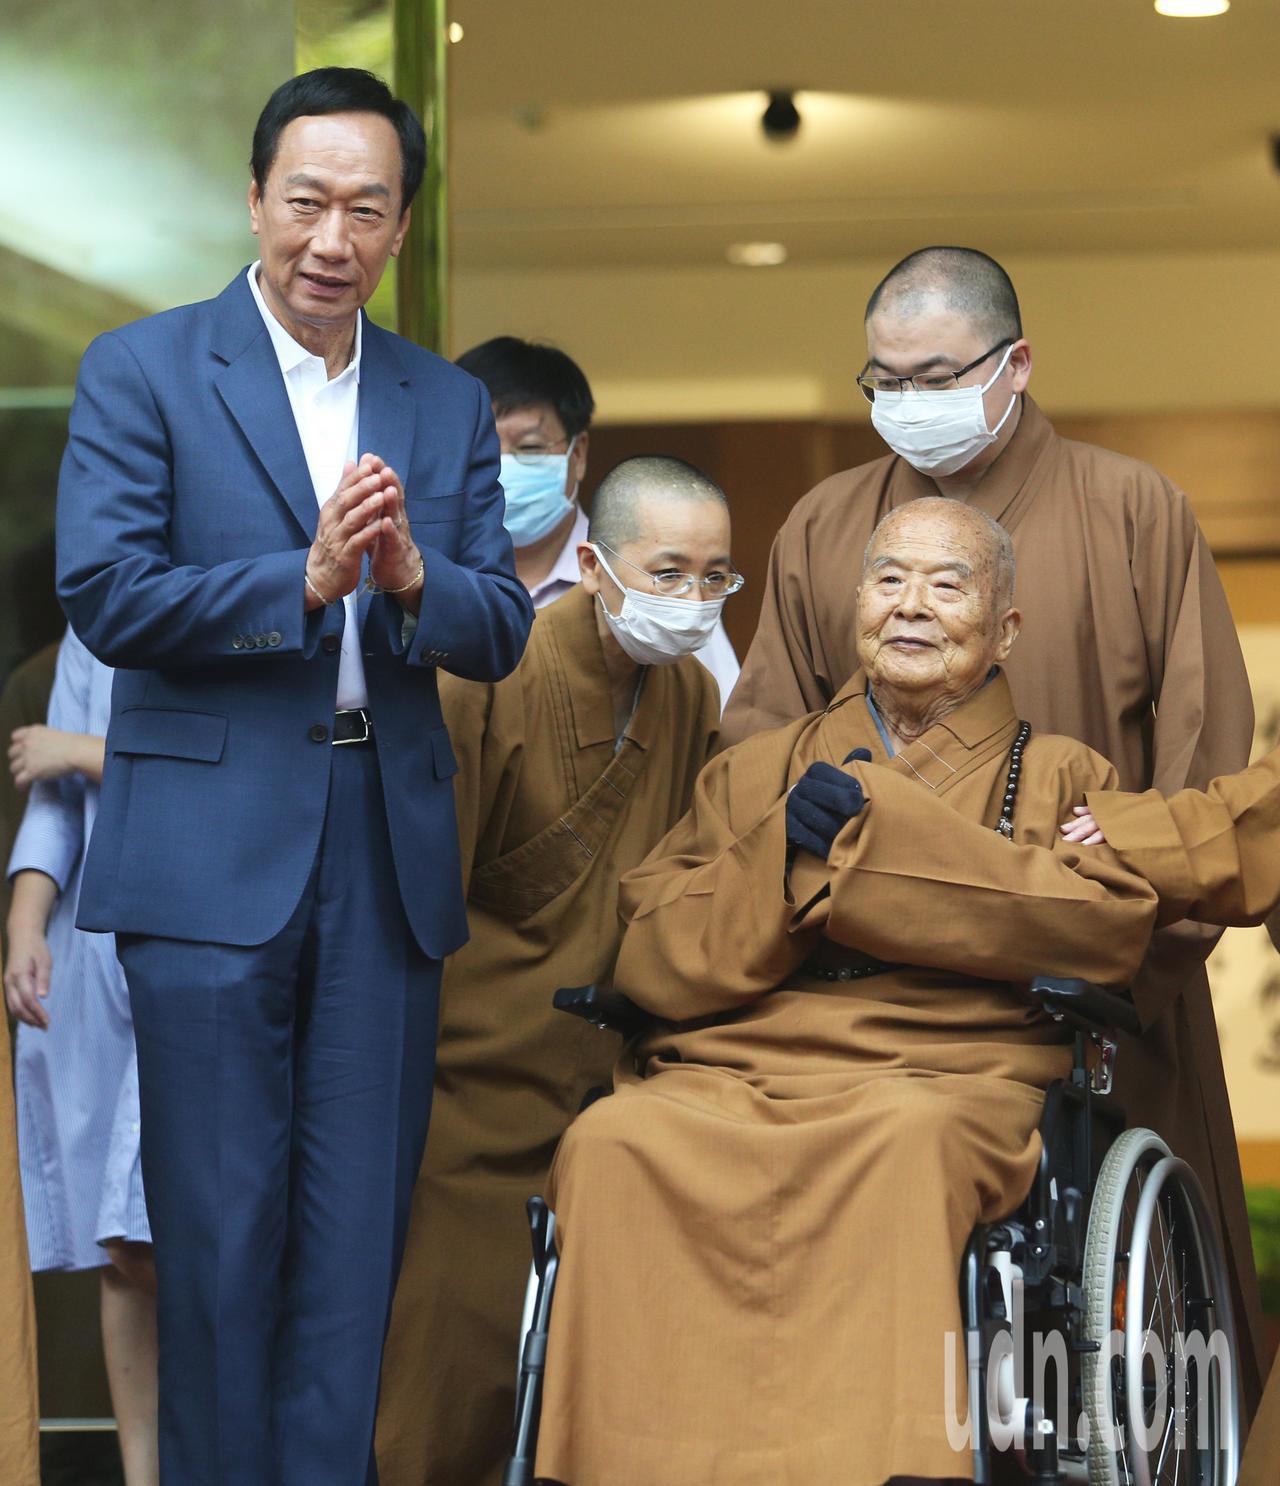 郭台銘(左)到佛光山參拜,並與星雲大師(右)會面請益。記者劉學聖/攝影